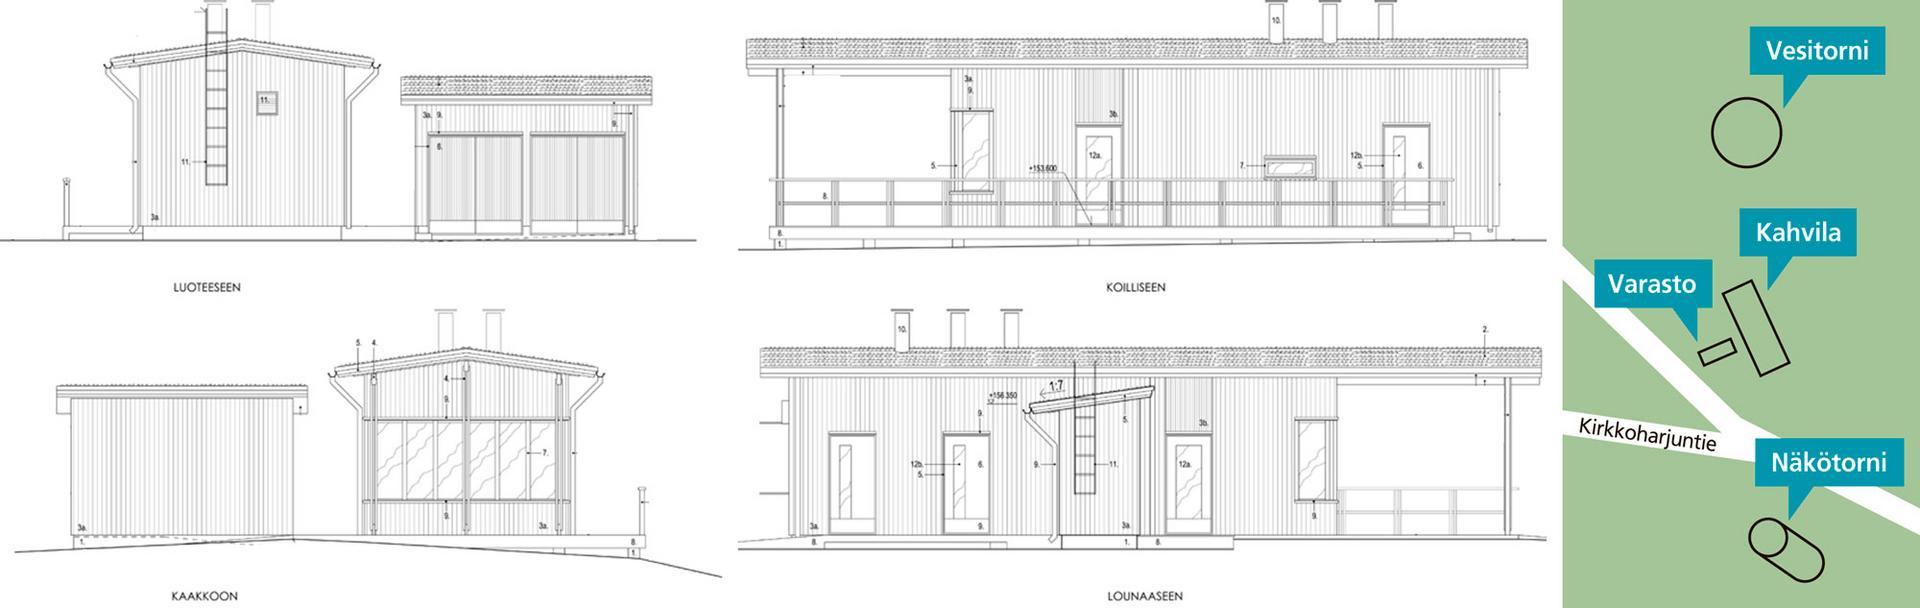 Kirkkoharjun näkötornin tuntumaan nousee 49,5 neliömetrin kokoinen kahvila, jonka yhteyteen tulee erillinen varastorakennus. Sen pinta-ala on kahdeksan neliömetriä. Kuva: Arkkitehtitoimisto Akkuna. Kartta: Pauliina Lindell